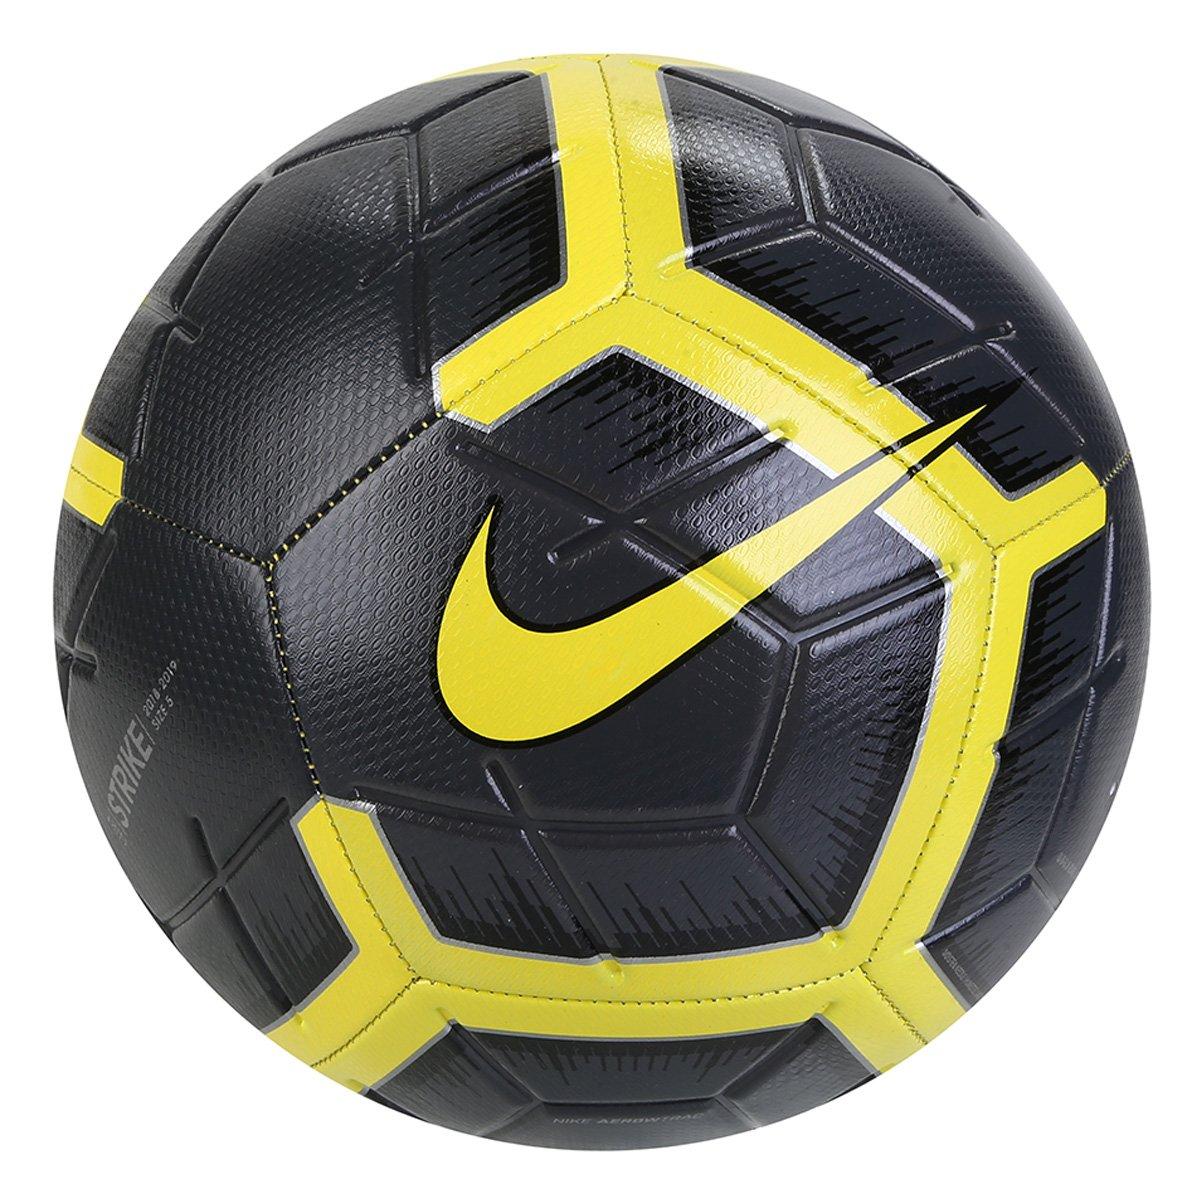 c7fde3af8 Bola de Futebol Campo Nike Strike - Amarelo e Preto - Compre Agora ...